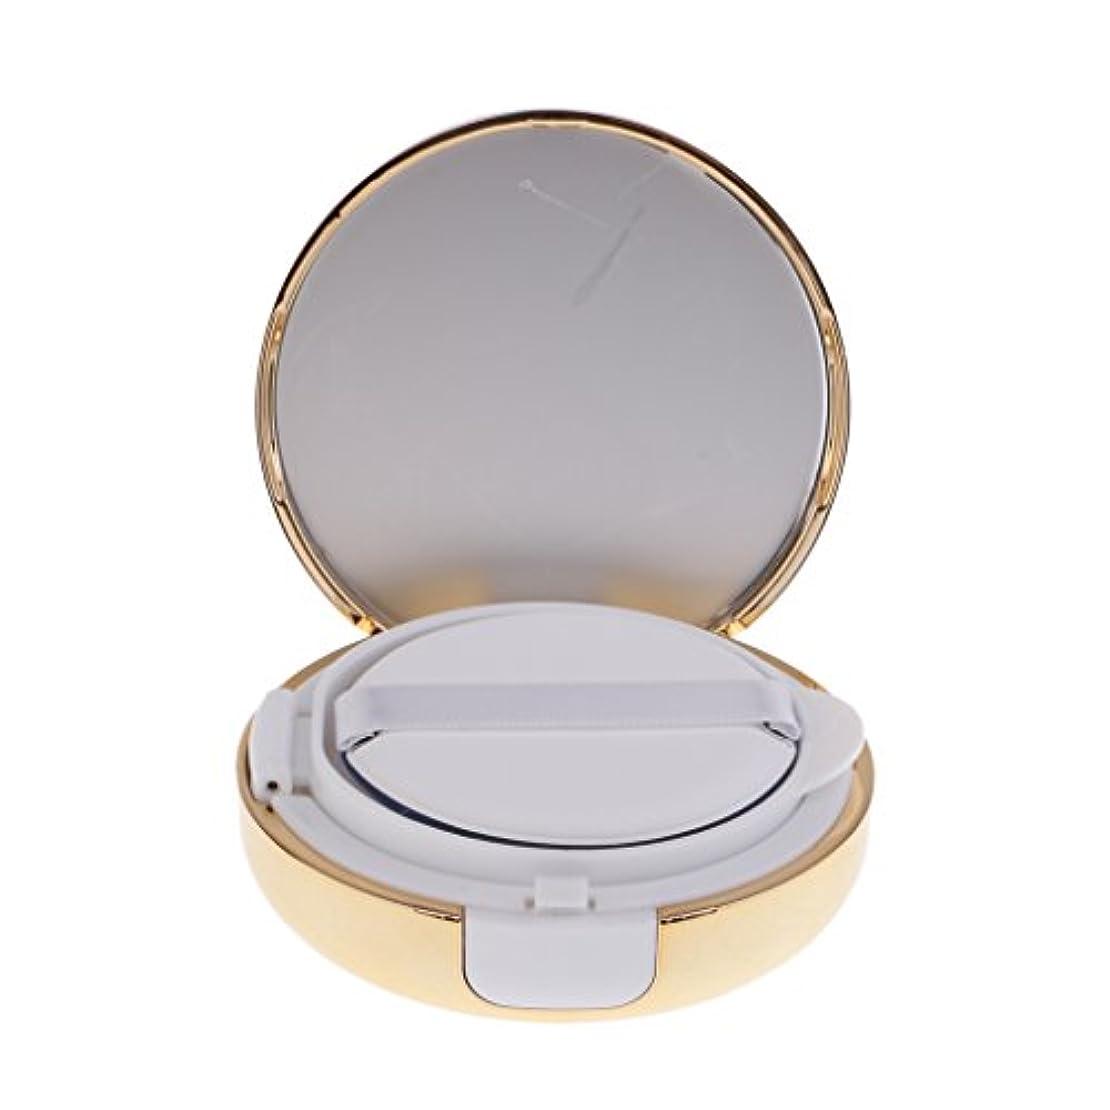 シャイニング判定独占Kesoto メイクアップ 空パウダーコンテナ ファンデーションケース エアクッション パフ BBクリーム 詰替え 化粧品 DIY プラスチック製 2色選べる - ゴールド